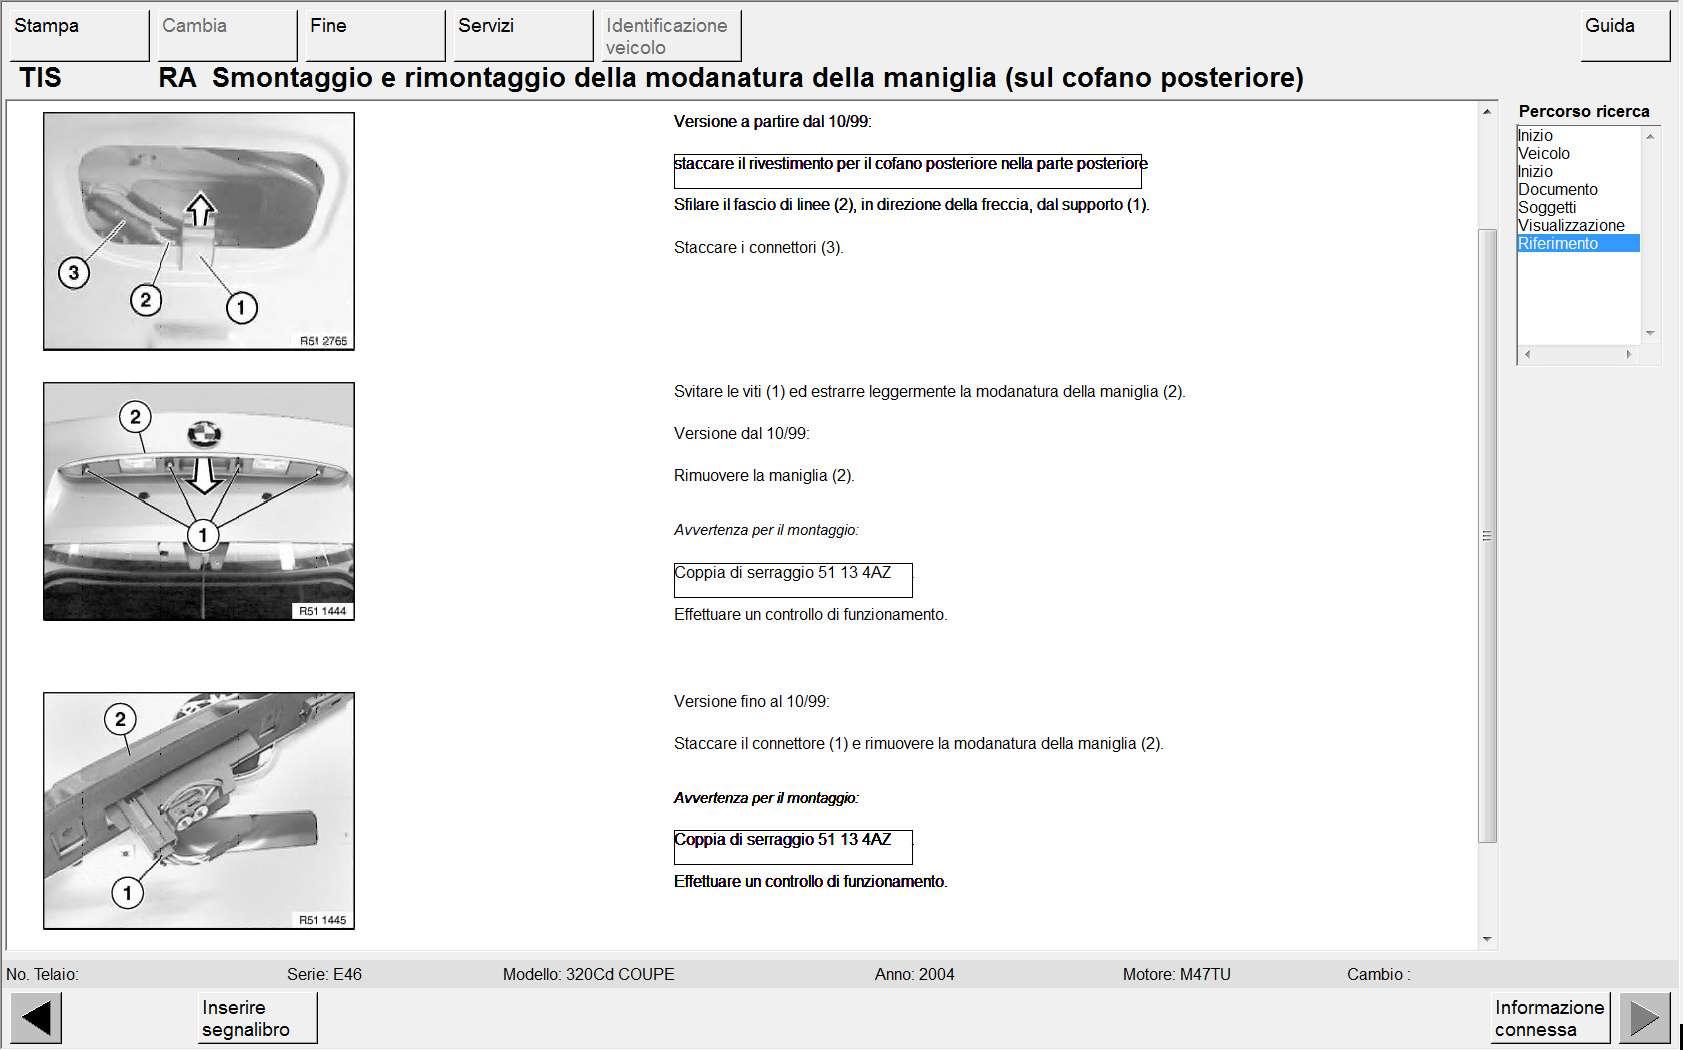 [IMG]http://img690.imageshack.us/img690/8333/manigliabaulee46cd.jpg[/IMG]